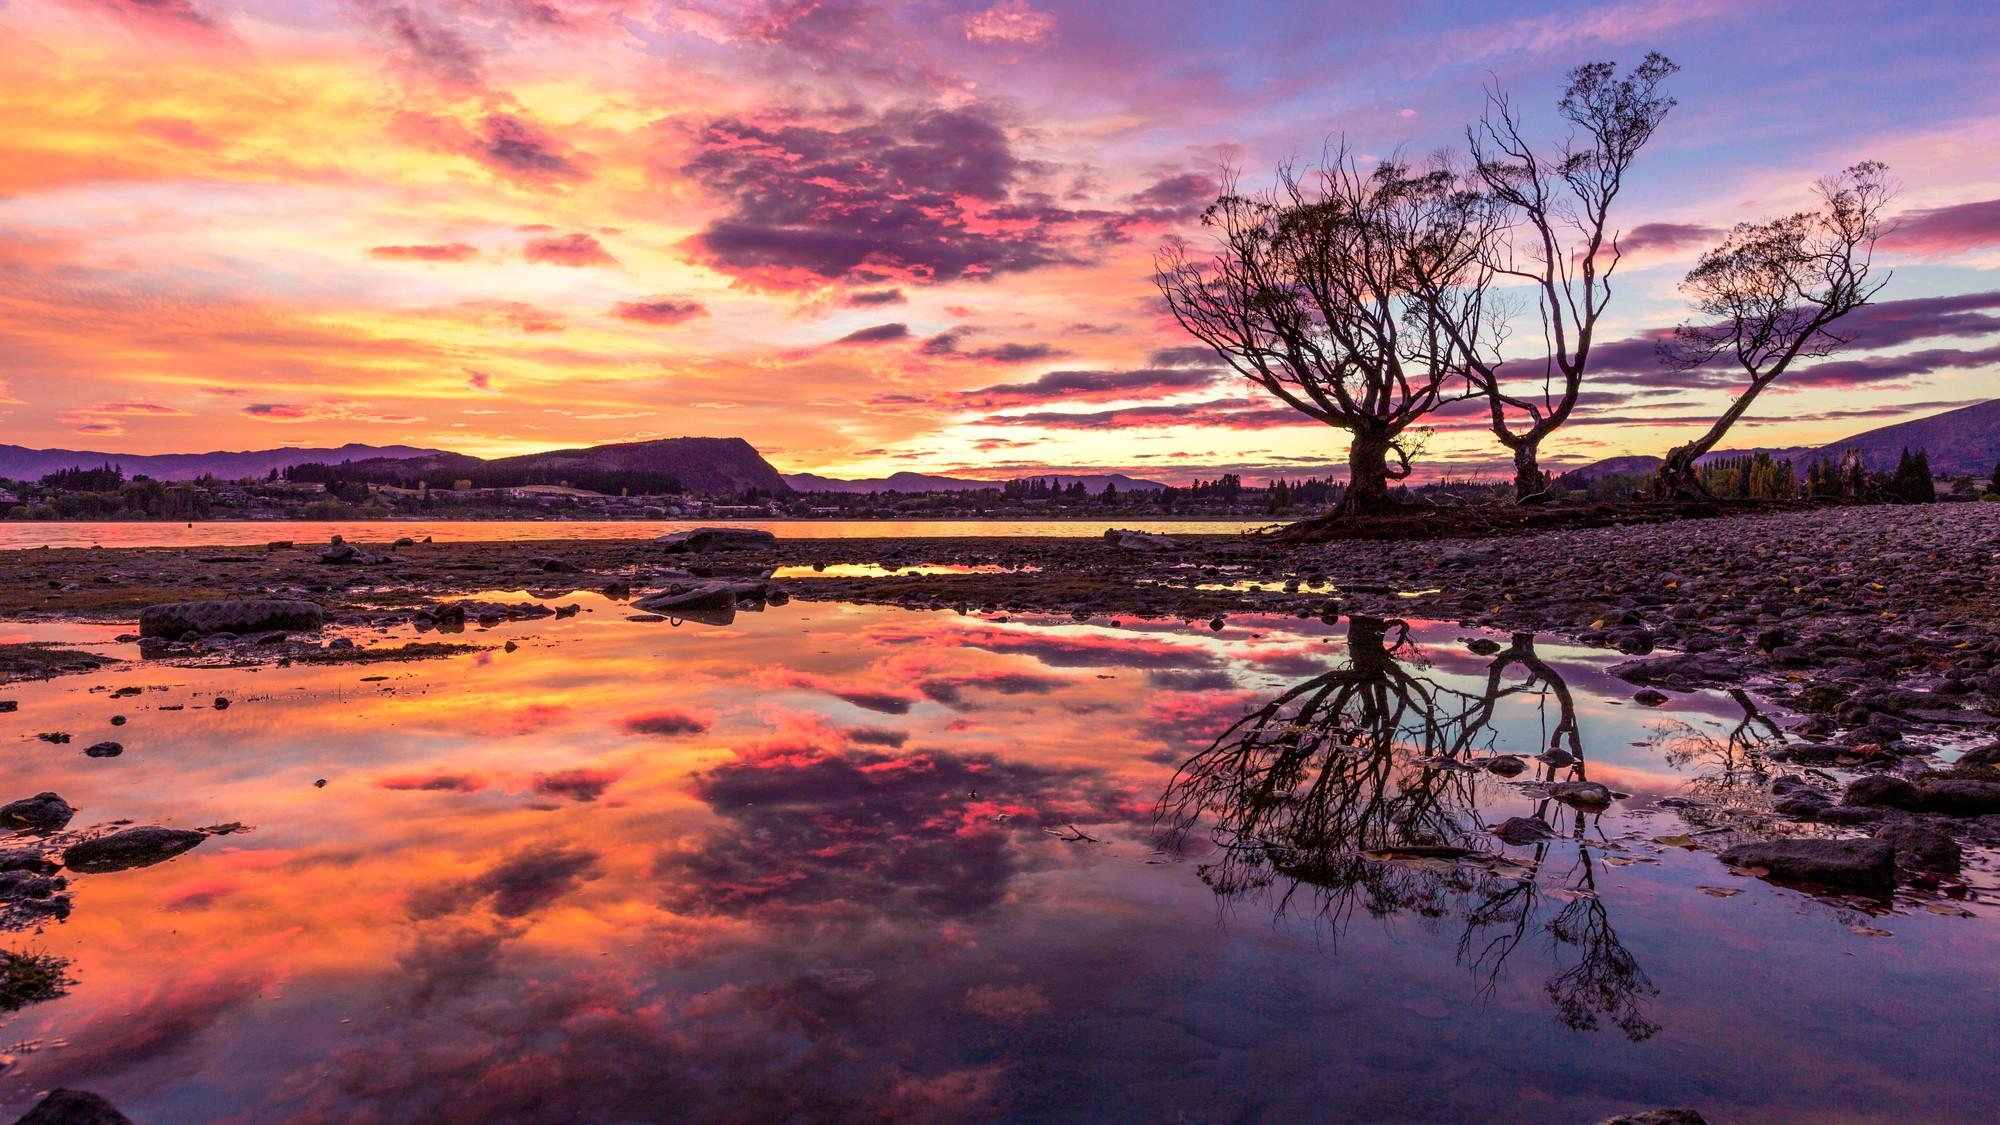 Ngắm nhìn 16 khung cảnh bình minh tuyệt đẹp trên khắp thế gian - Ảnh 25.